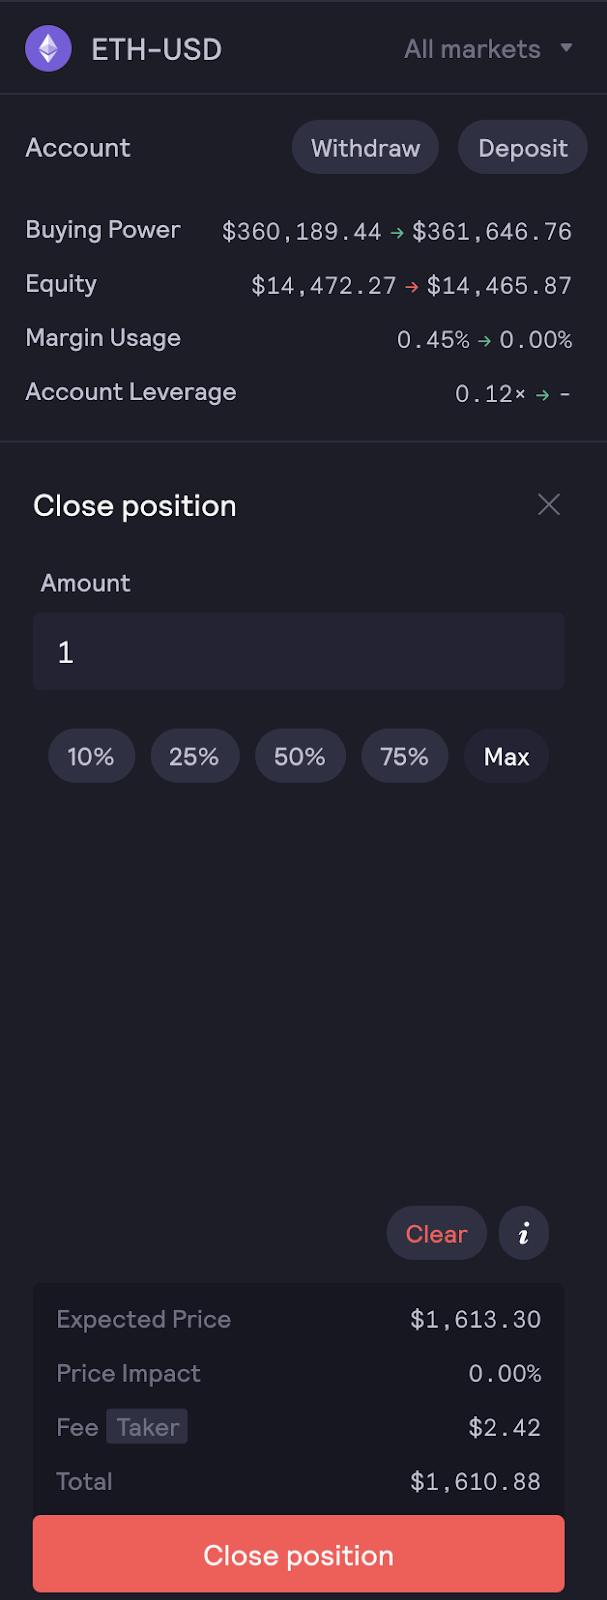 روی Close position کلیک کنید